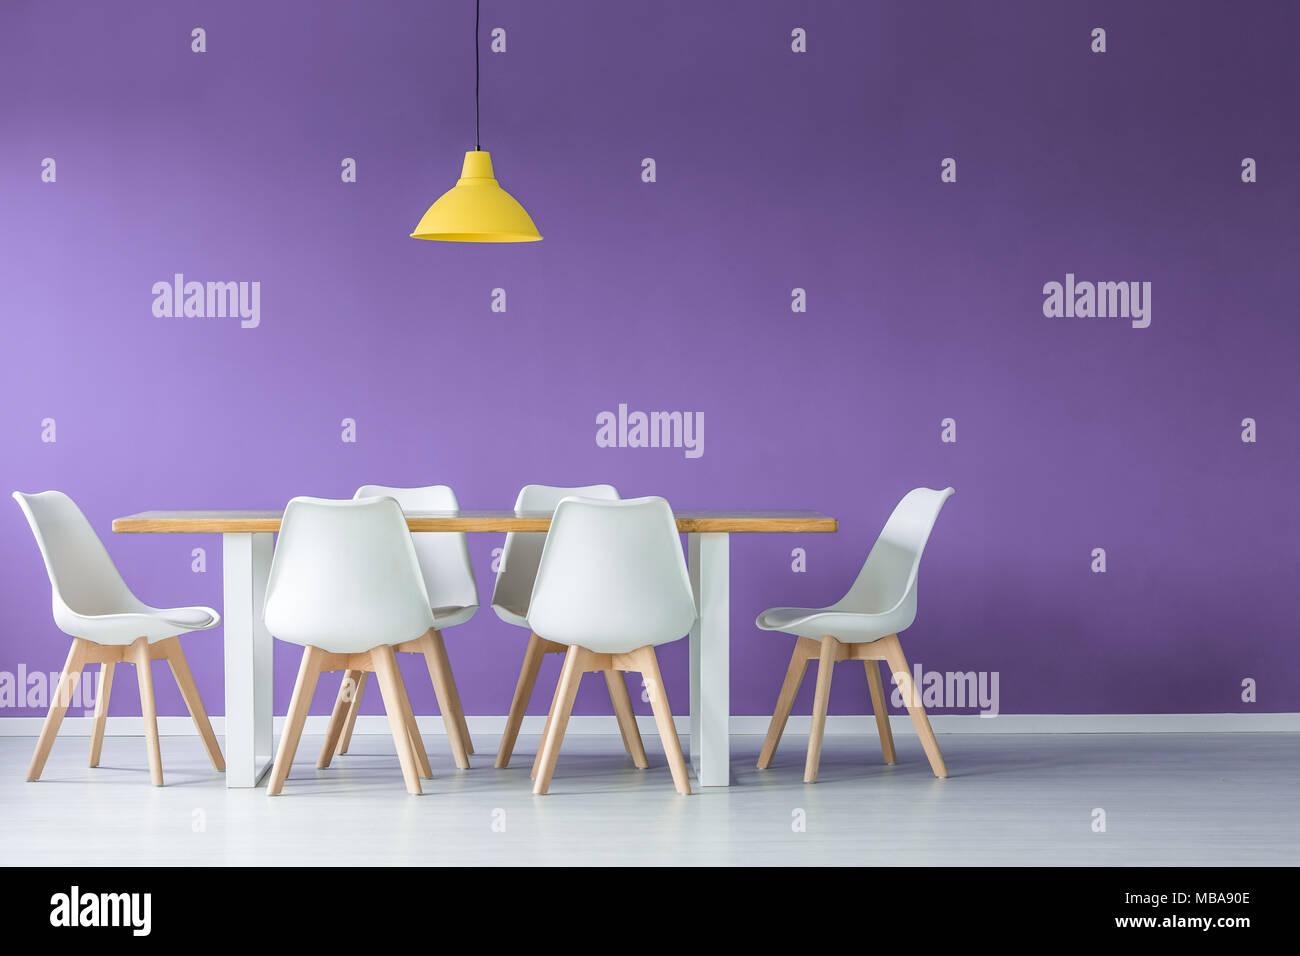 Mínimo espacio abierto moderno interior con blancos y sillas de madera alrededor de una mesa y lámpara amarilla contra la pared púrpura Imagen De Stock